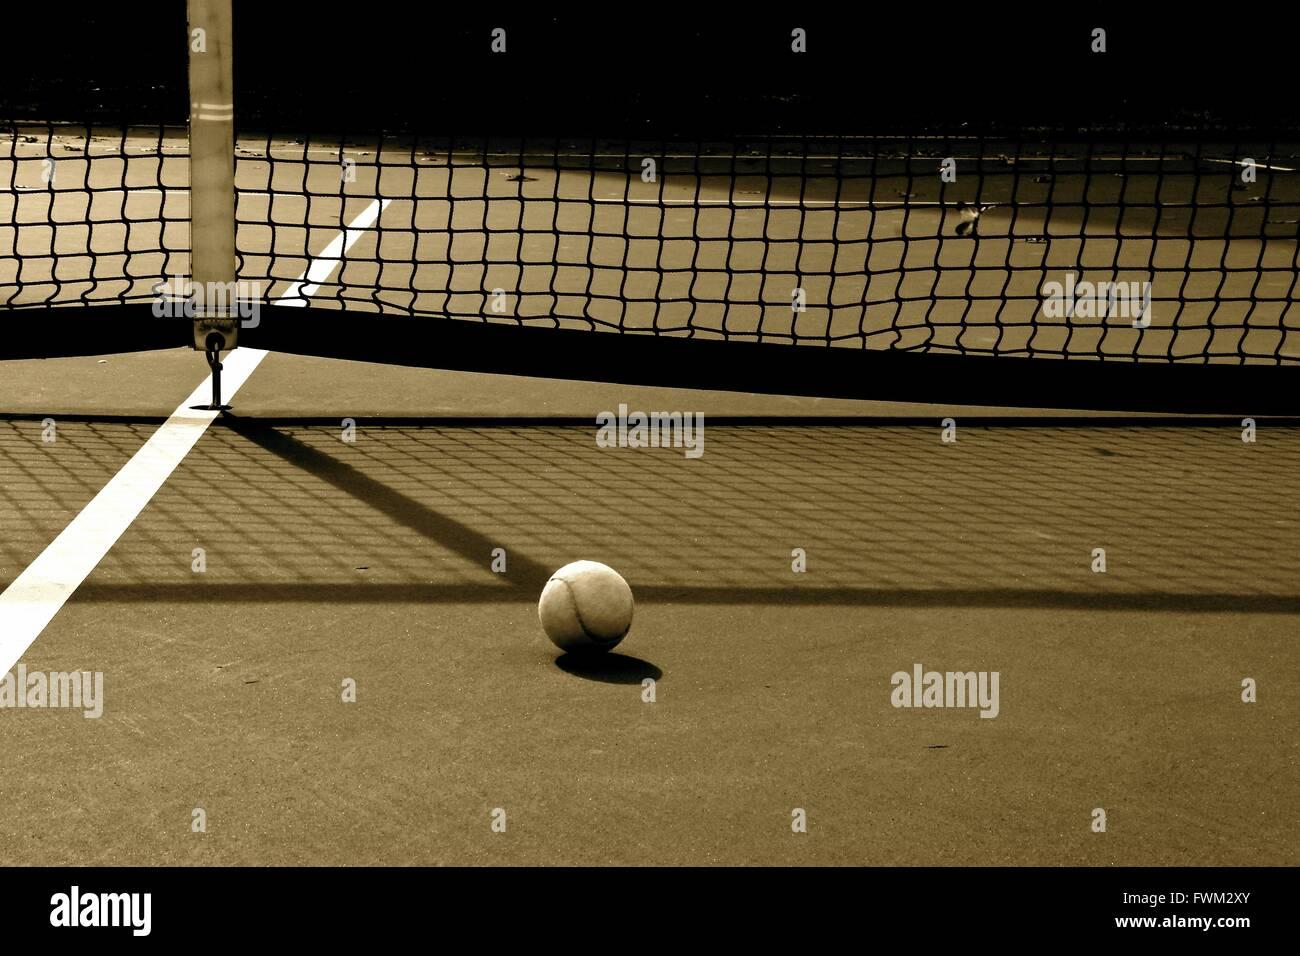 Palla da tennis contro la Net a corte Immagini Stock